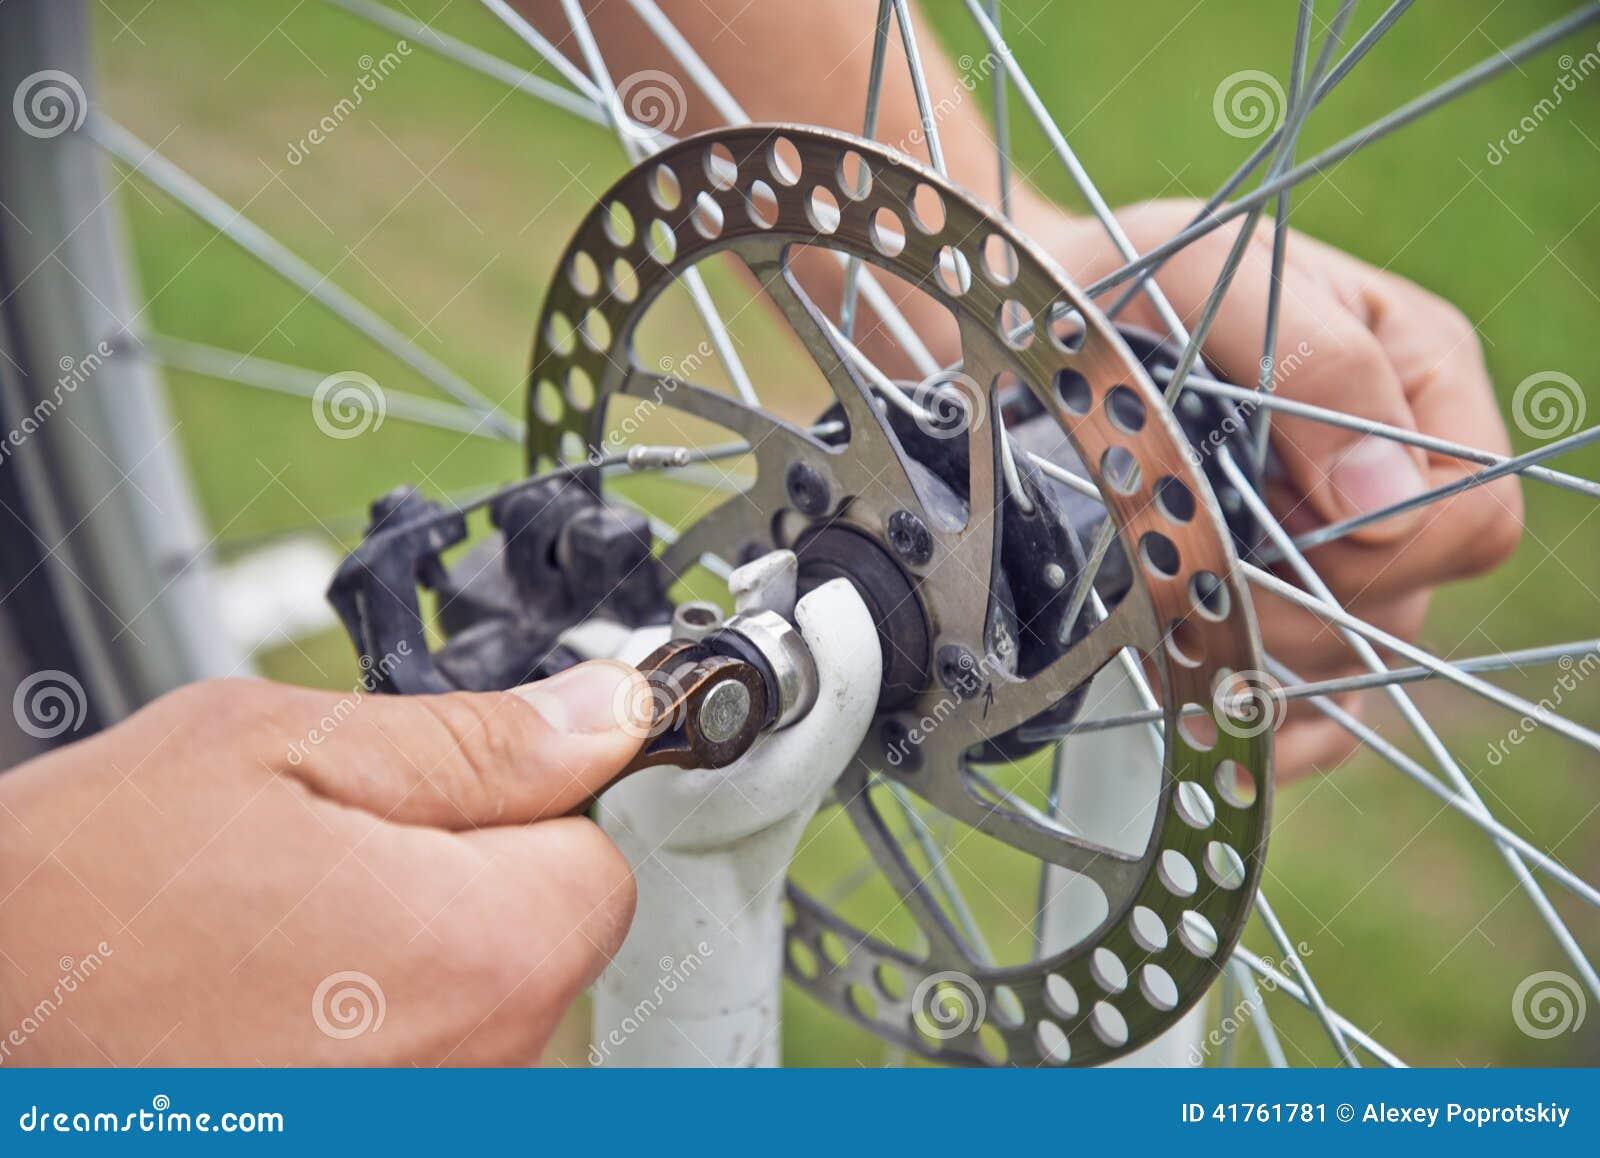 Mężczyzna cyklista sprawdza hamulcowego koło bicykl